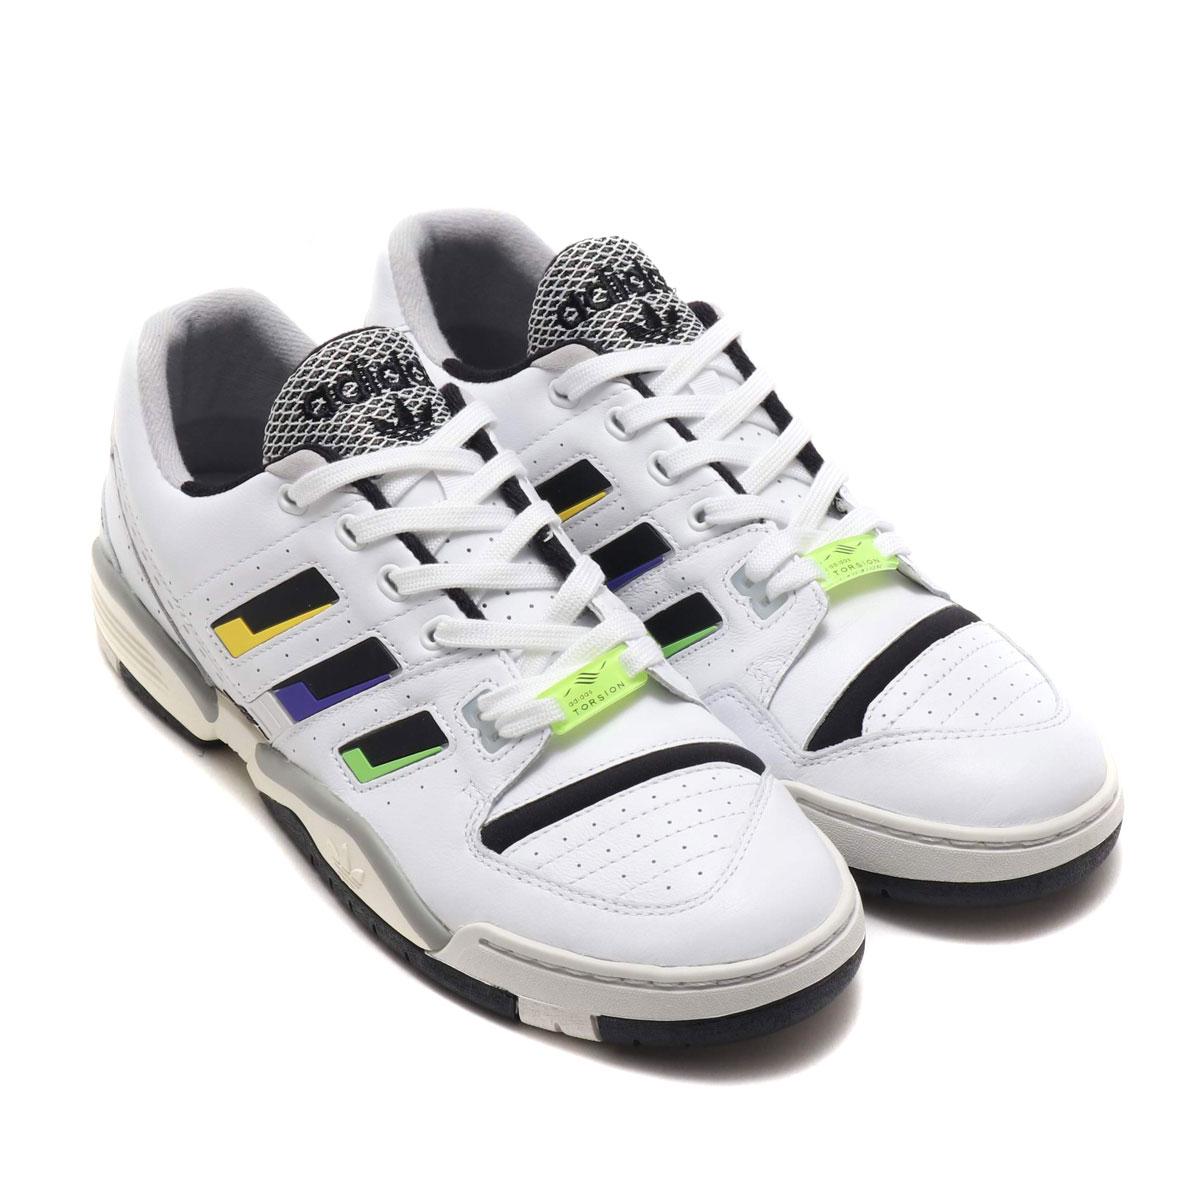 adidas TORSION COMP(アディダス トルション コンプ)RUNNING WHITE/CORE BLACK/SOLAR YELLOW【メンズ レディース スニーカー】19FW-I